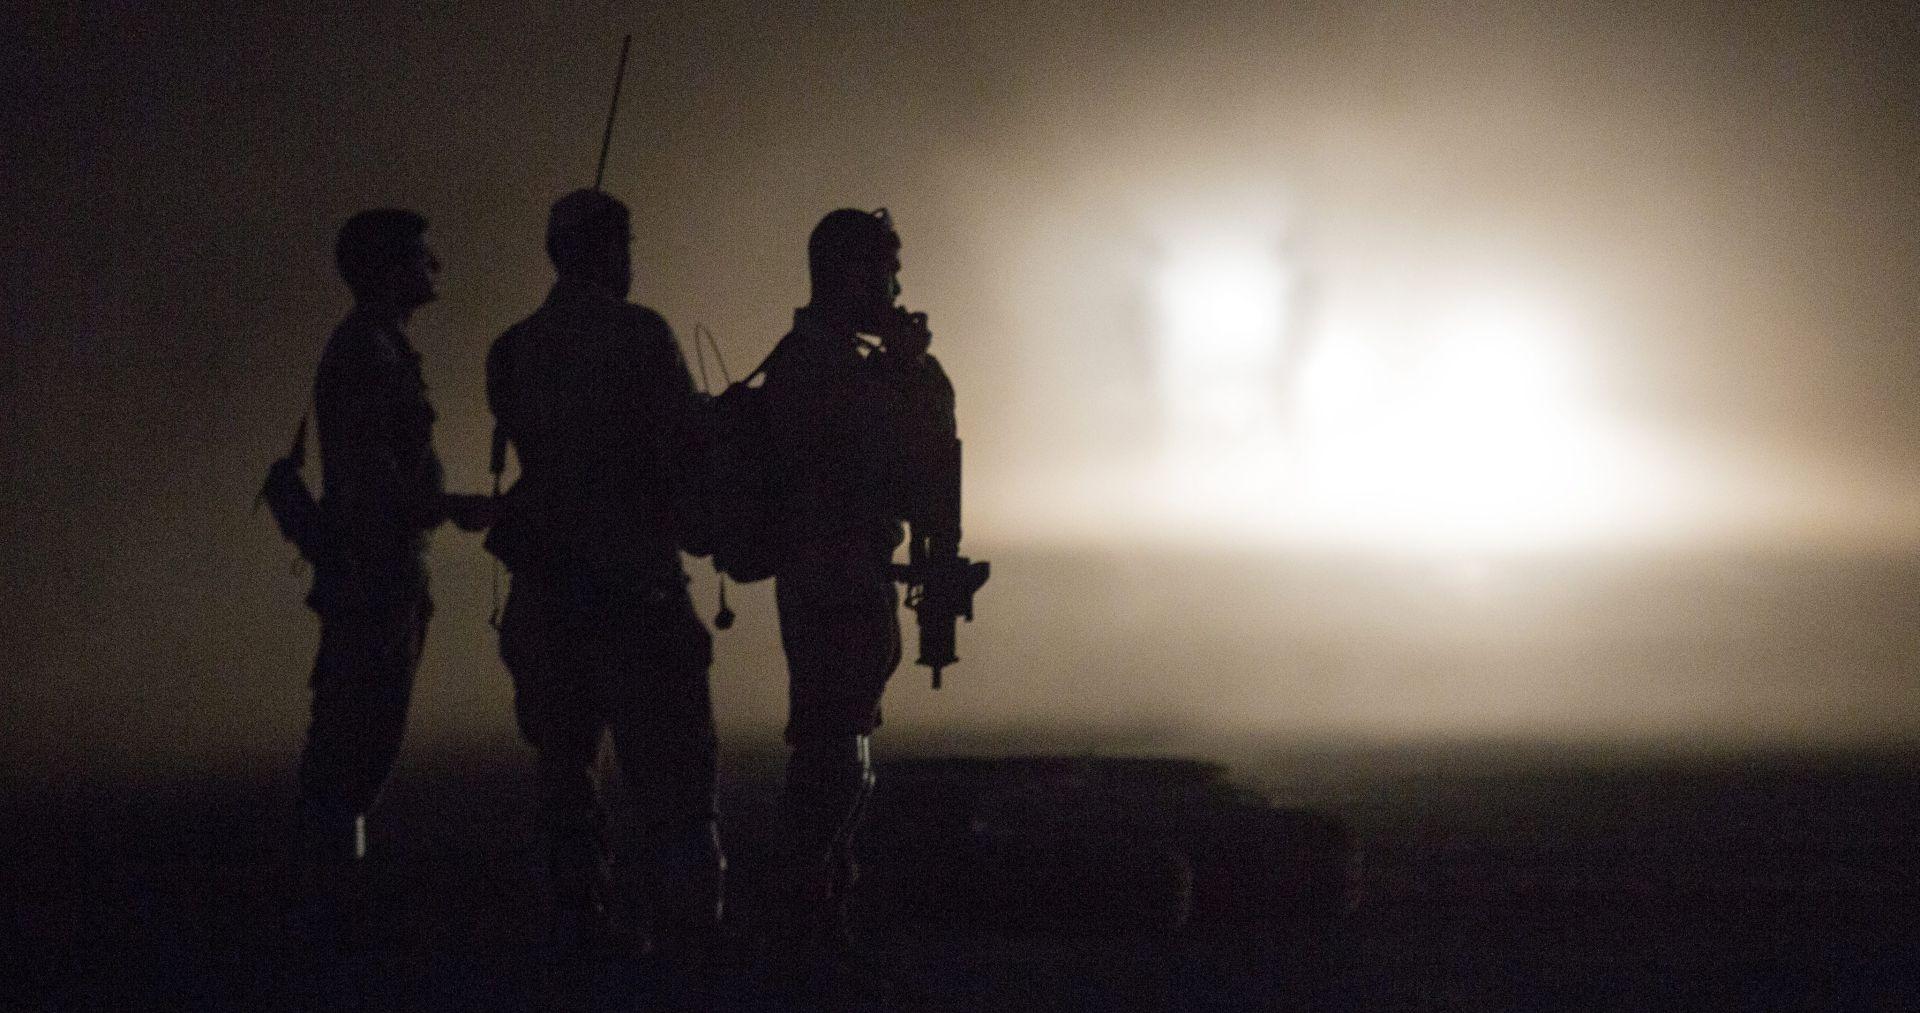 ZRAČNI NAPADI U SIRIJI Poginulo najmanje 56 civila